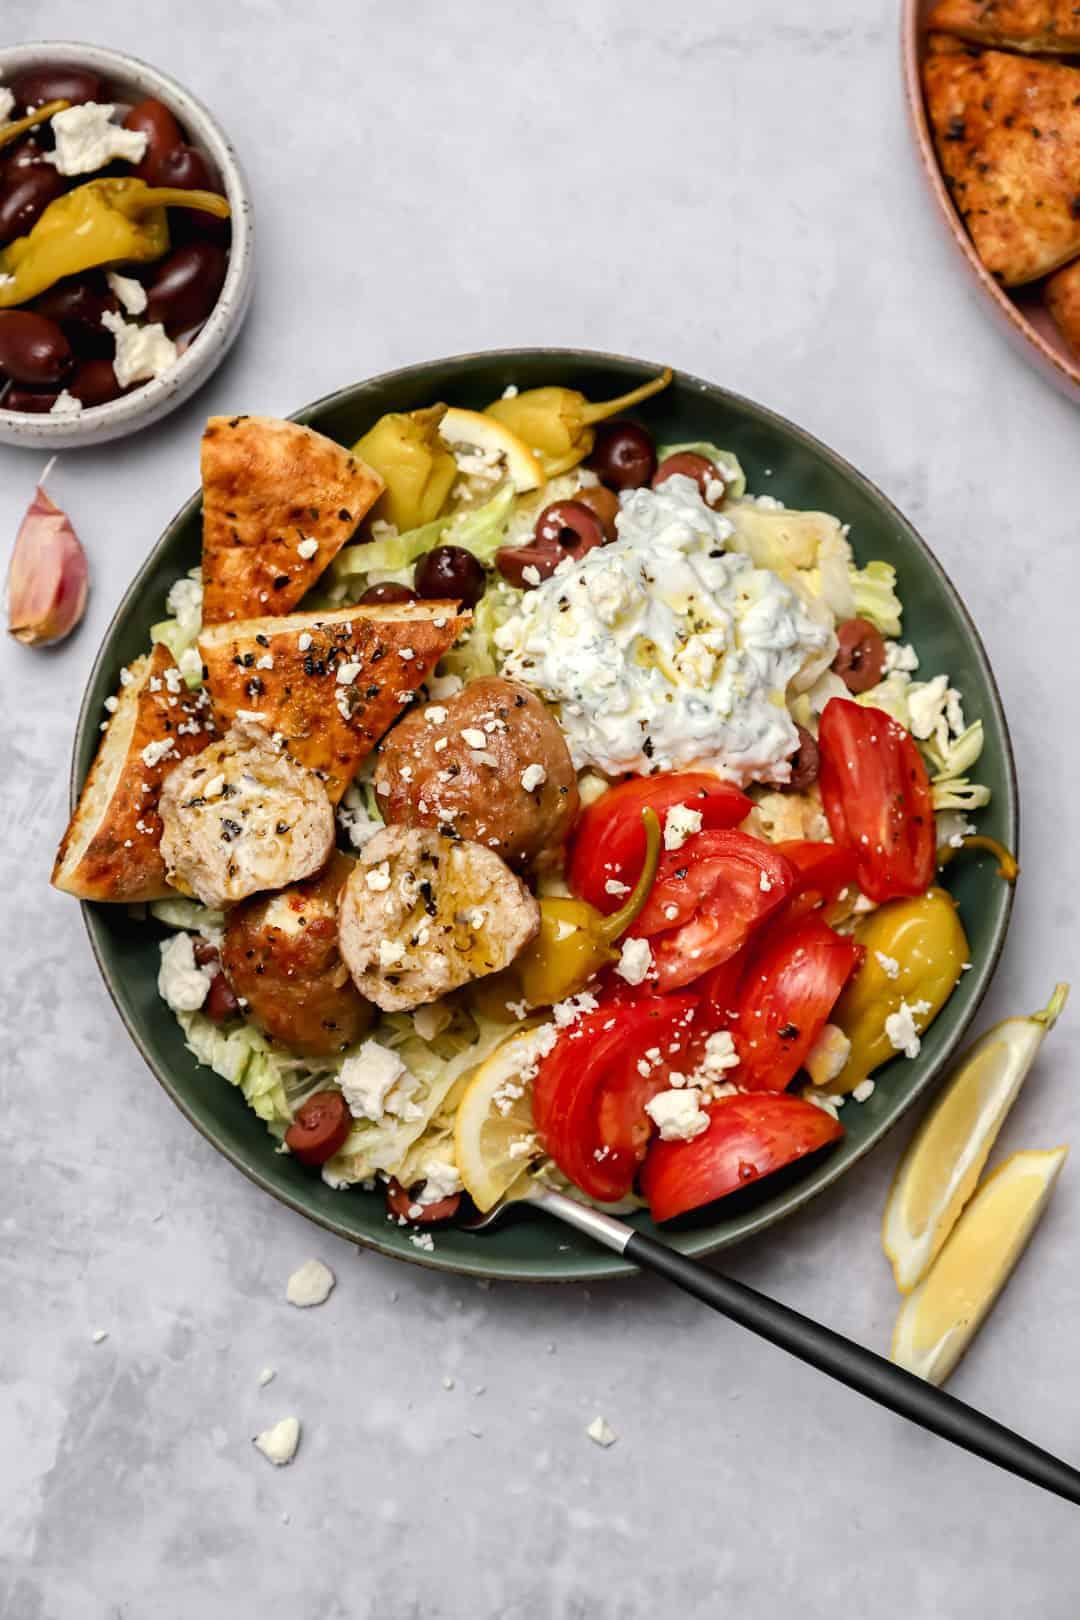 Healthy Greek turkey meatballs with tzatziki